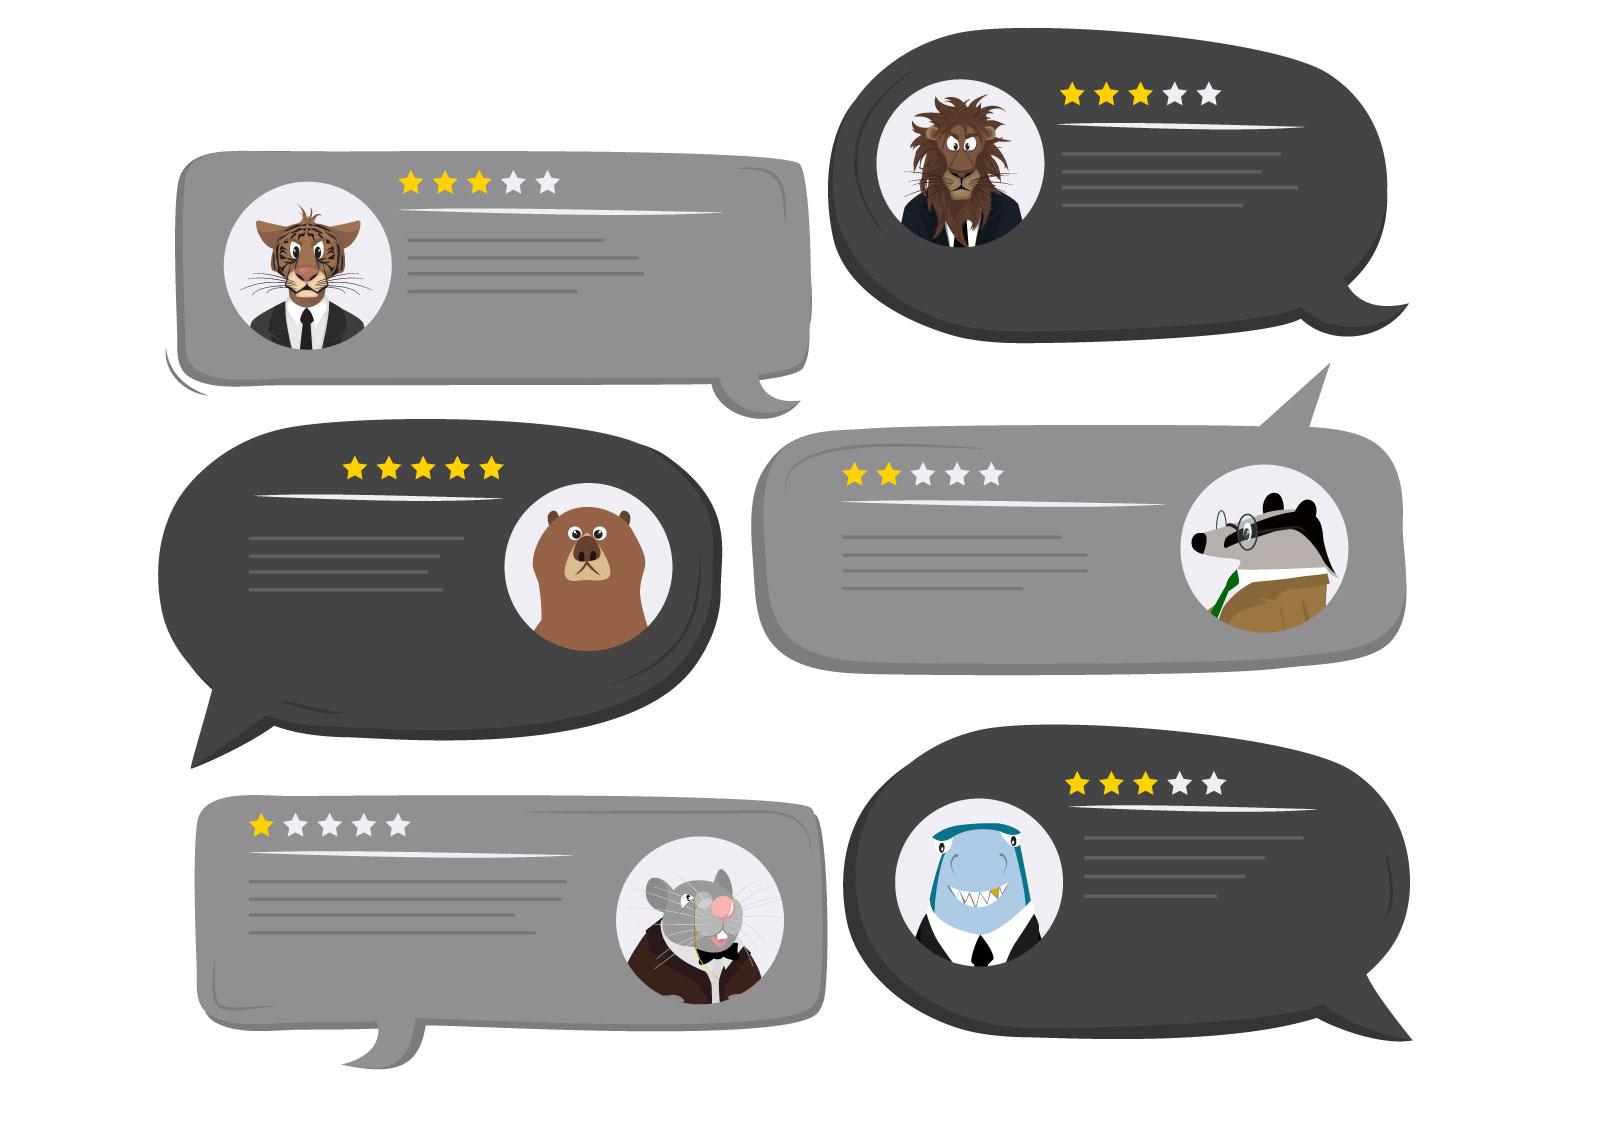 Ilustracija komentara i ocena na Google My Business-u koji su ostavljali ostali korisnici